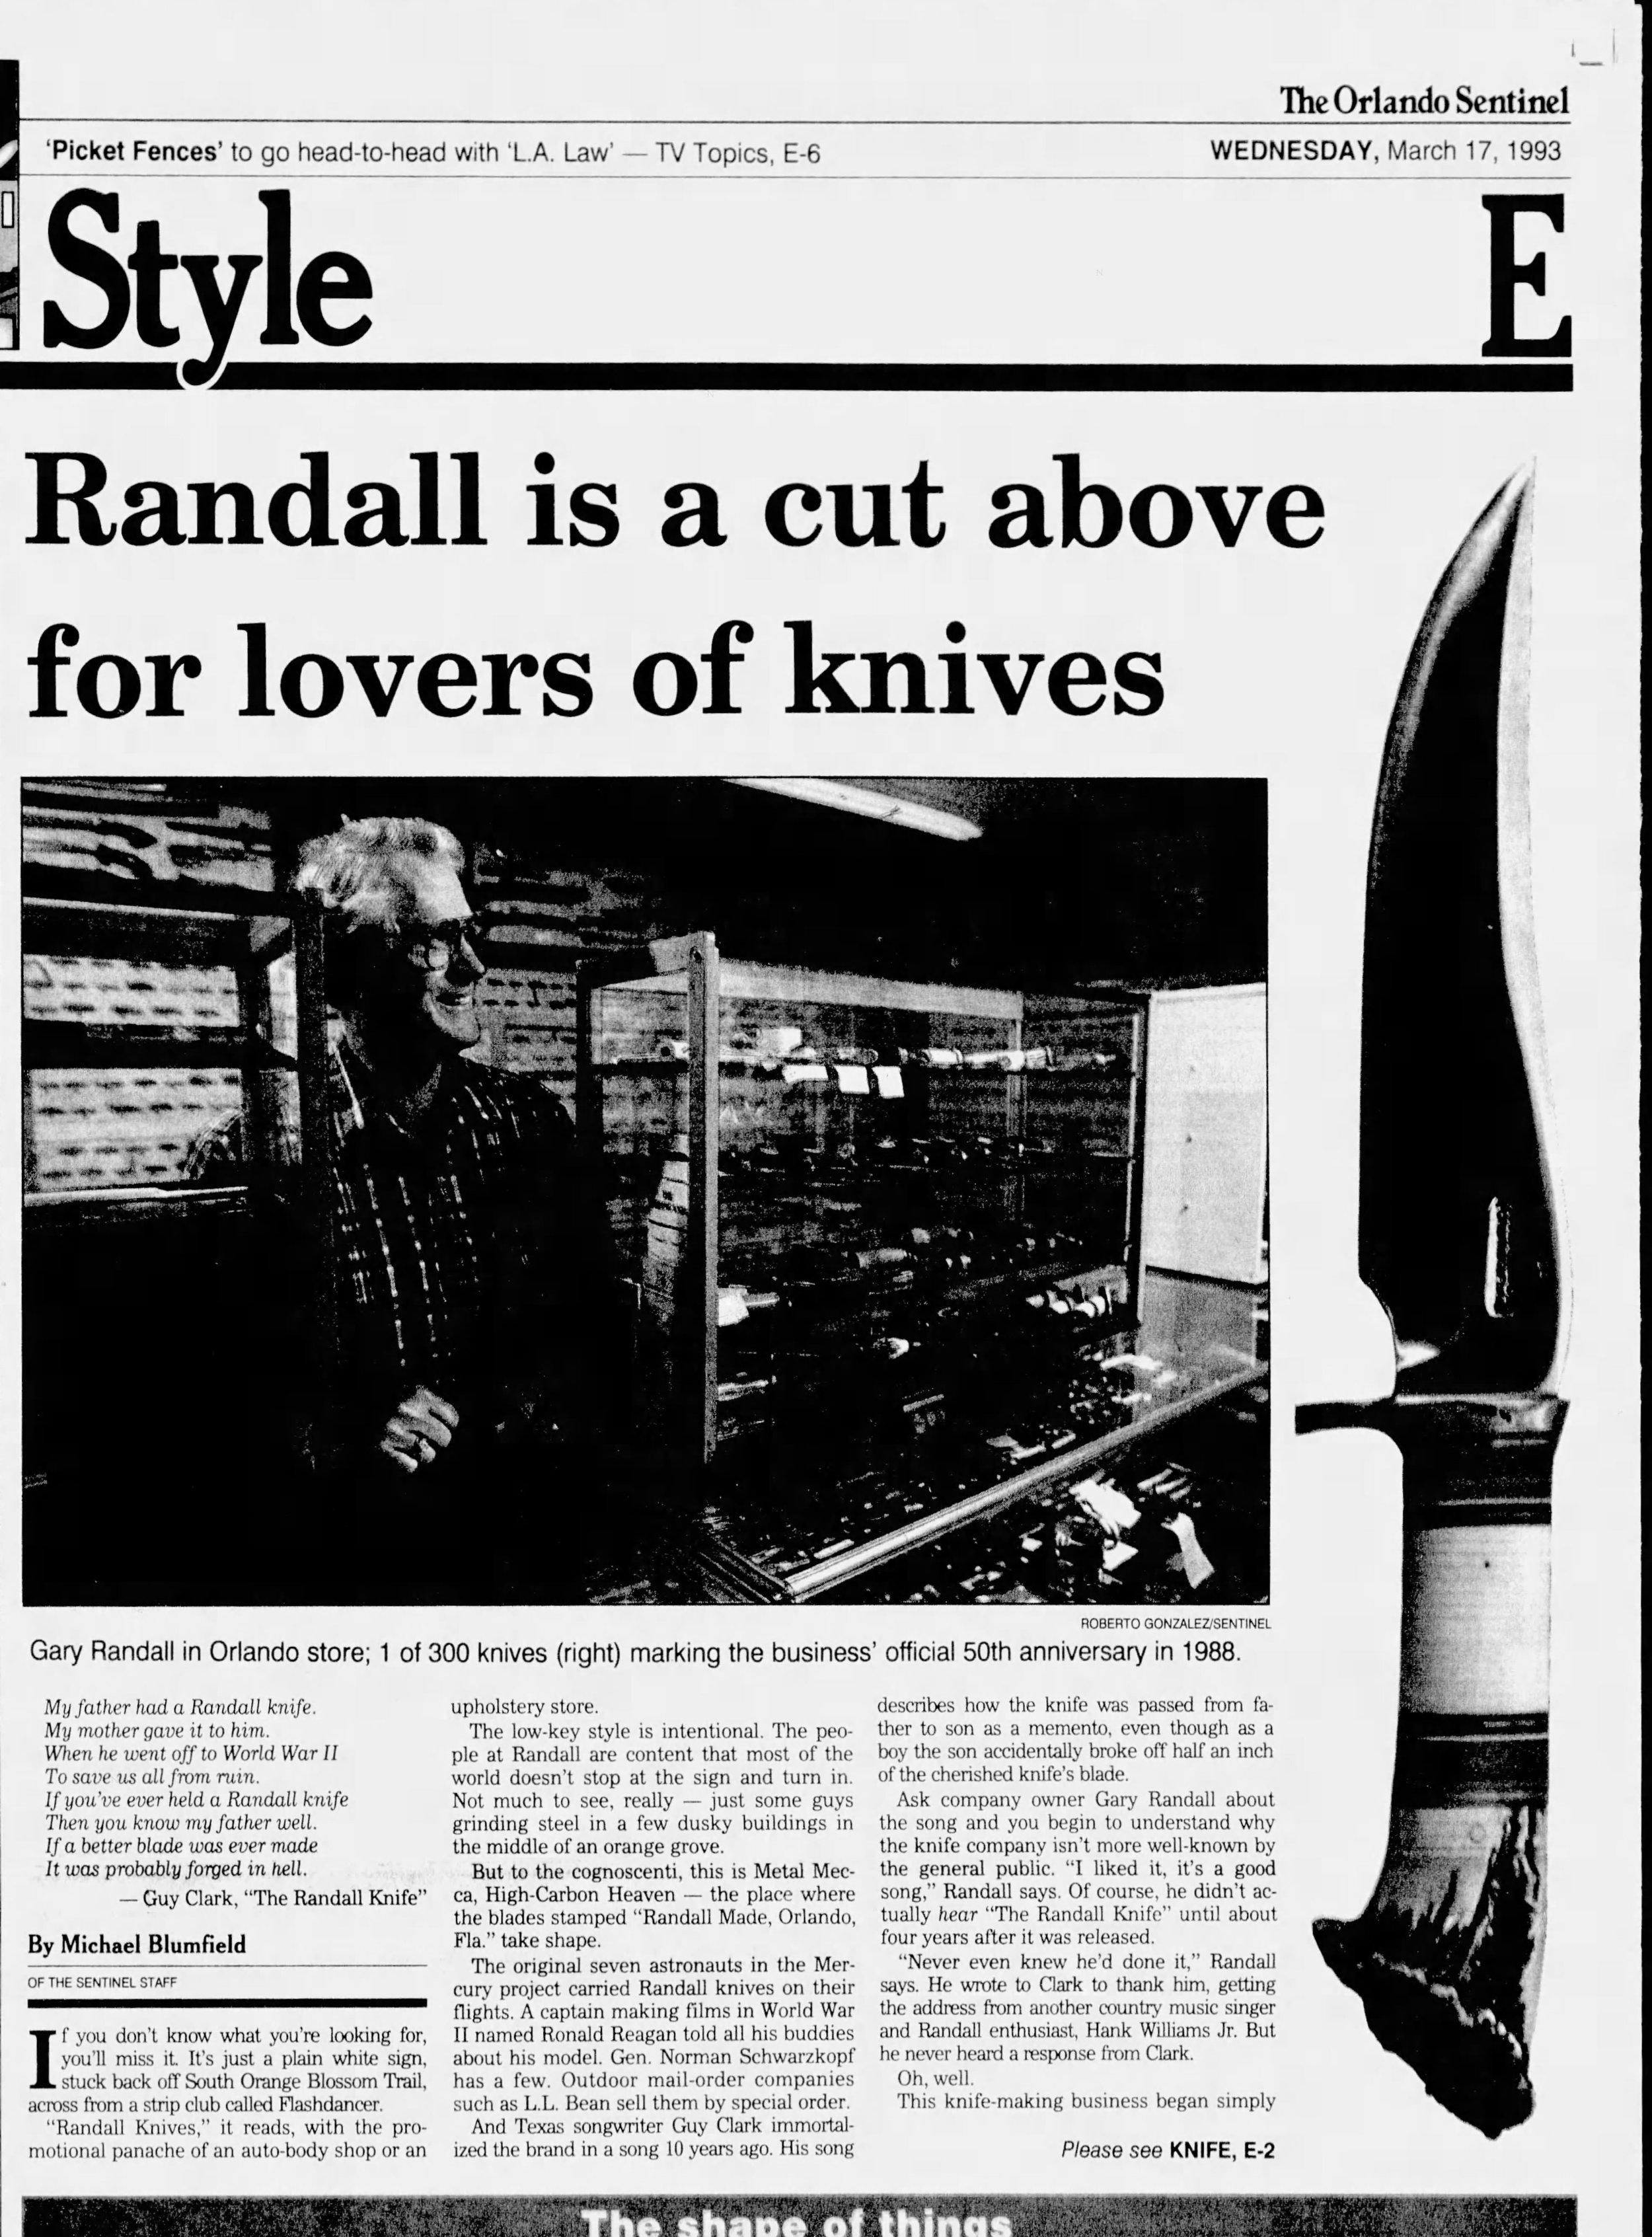 The_Orlando_Sentinel_Wed__Mar_17__1993_.jpg